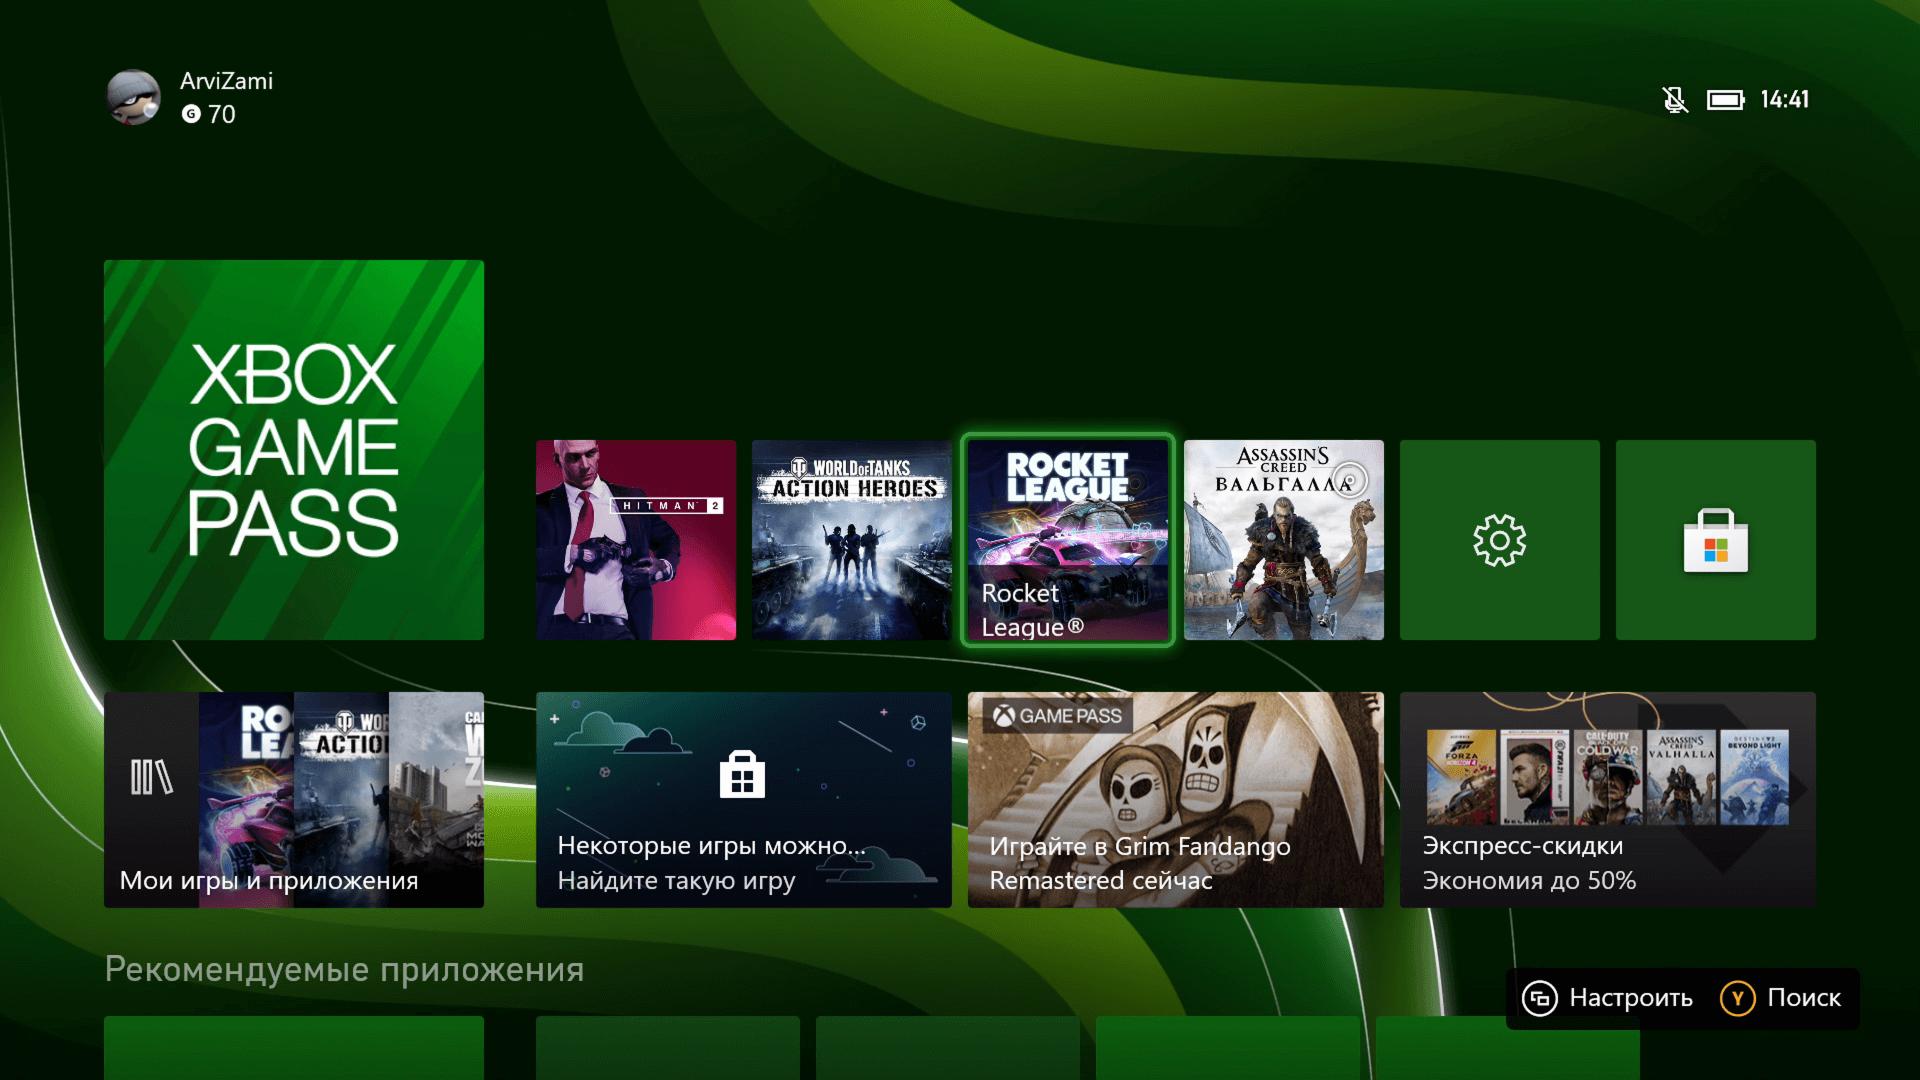 Интерфейс операционной системы Xbox